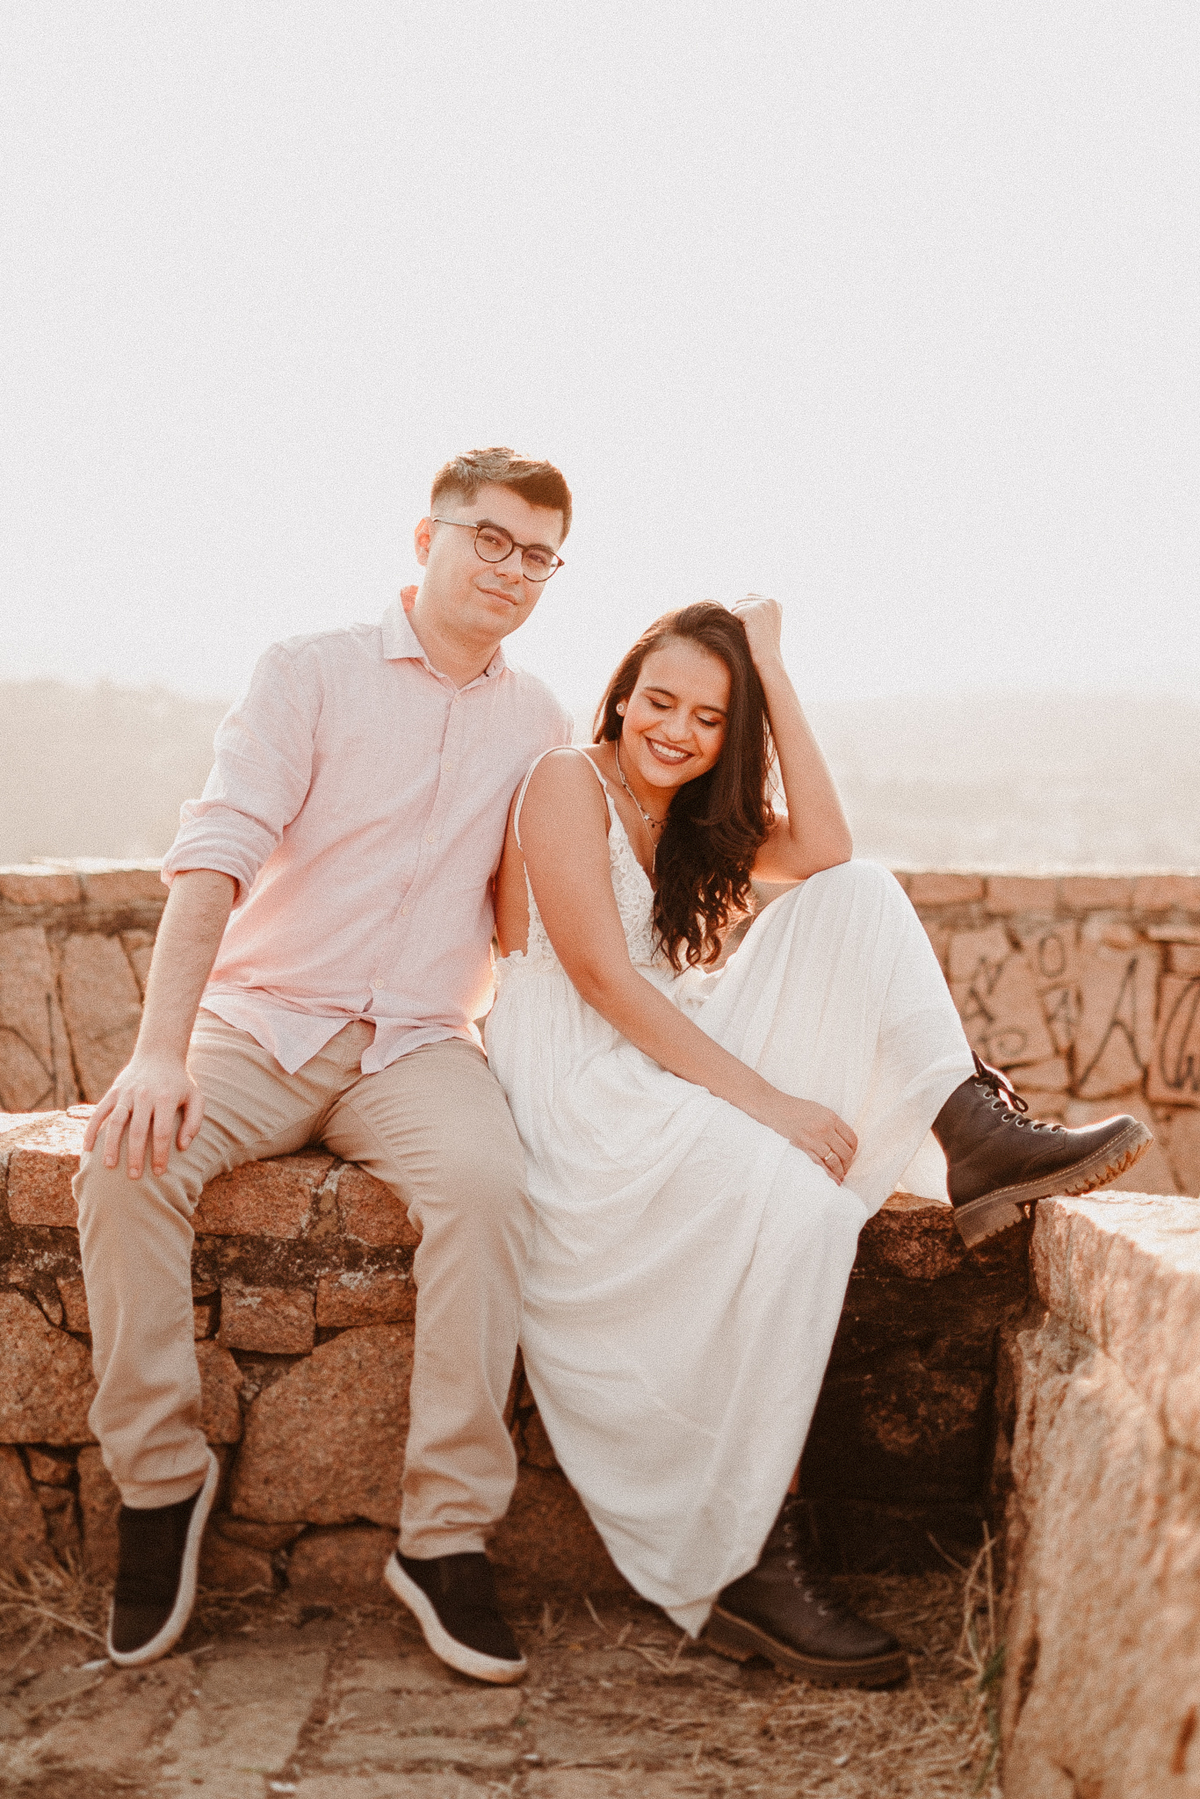 fotografia de casamento por caio henrique casal nordestino cerimonias de dia casamentos aracaju pre wedding morro do capuava por do sol noiva de botas